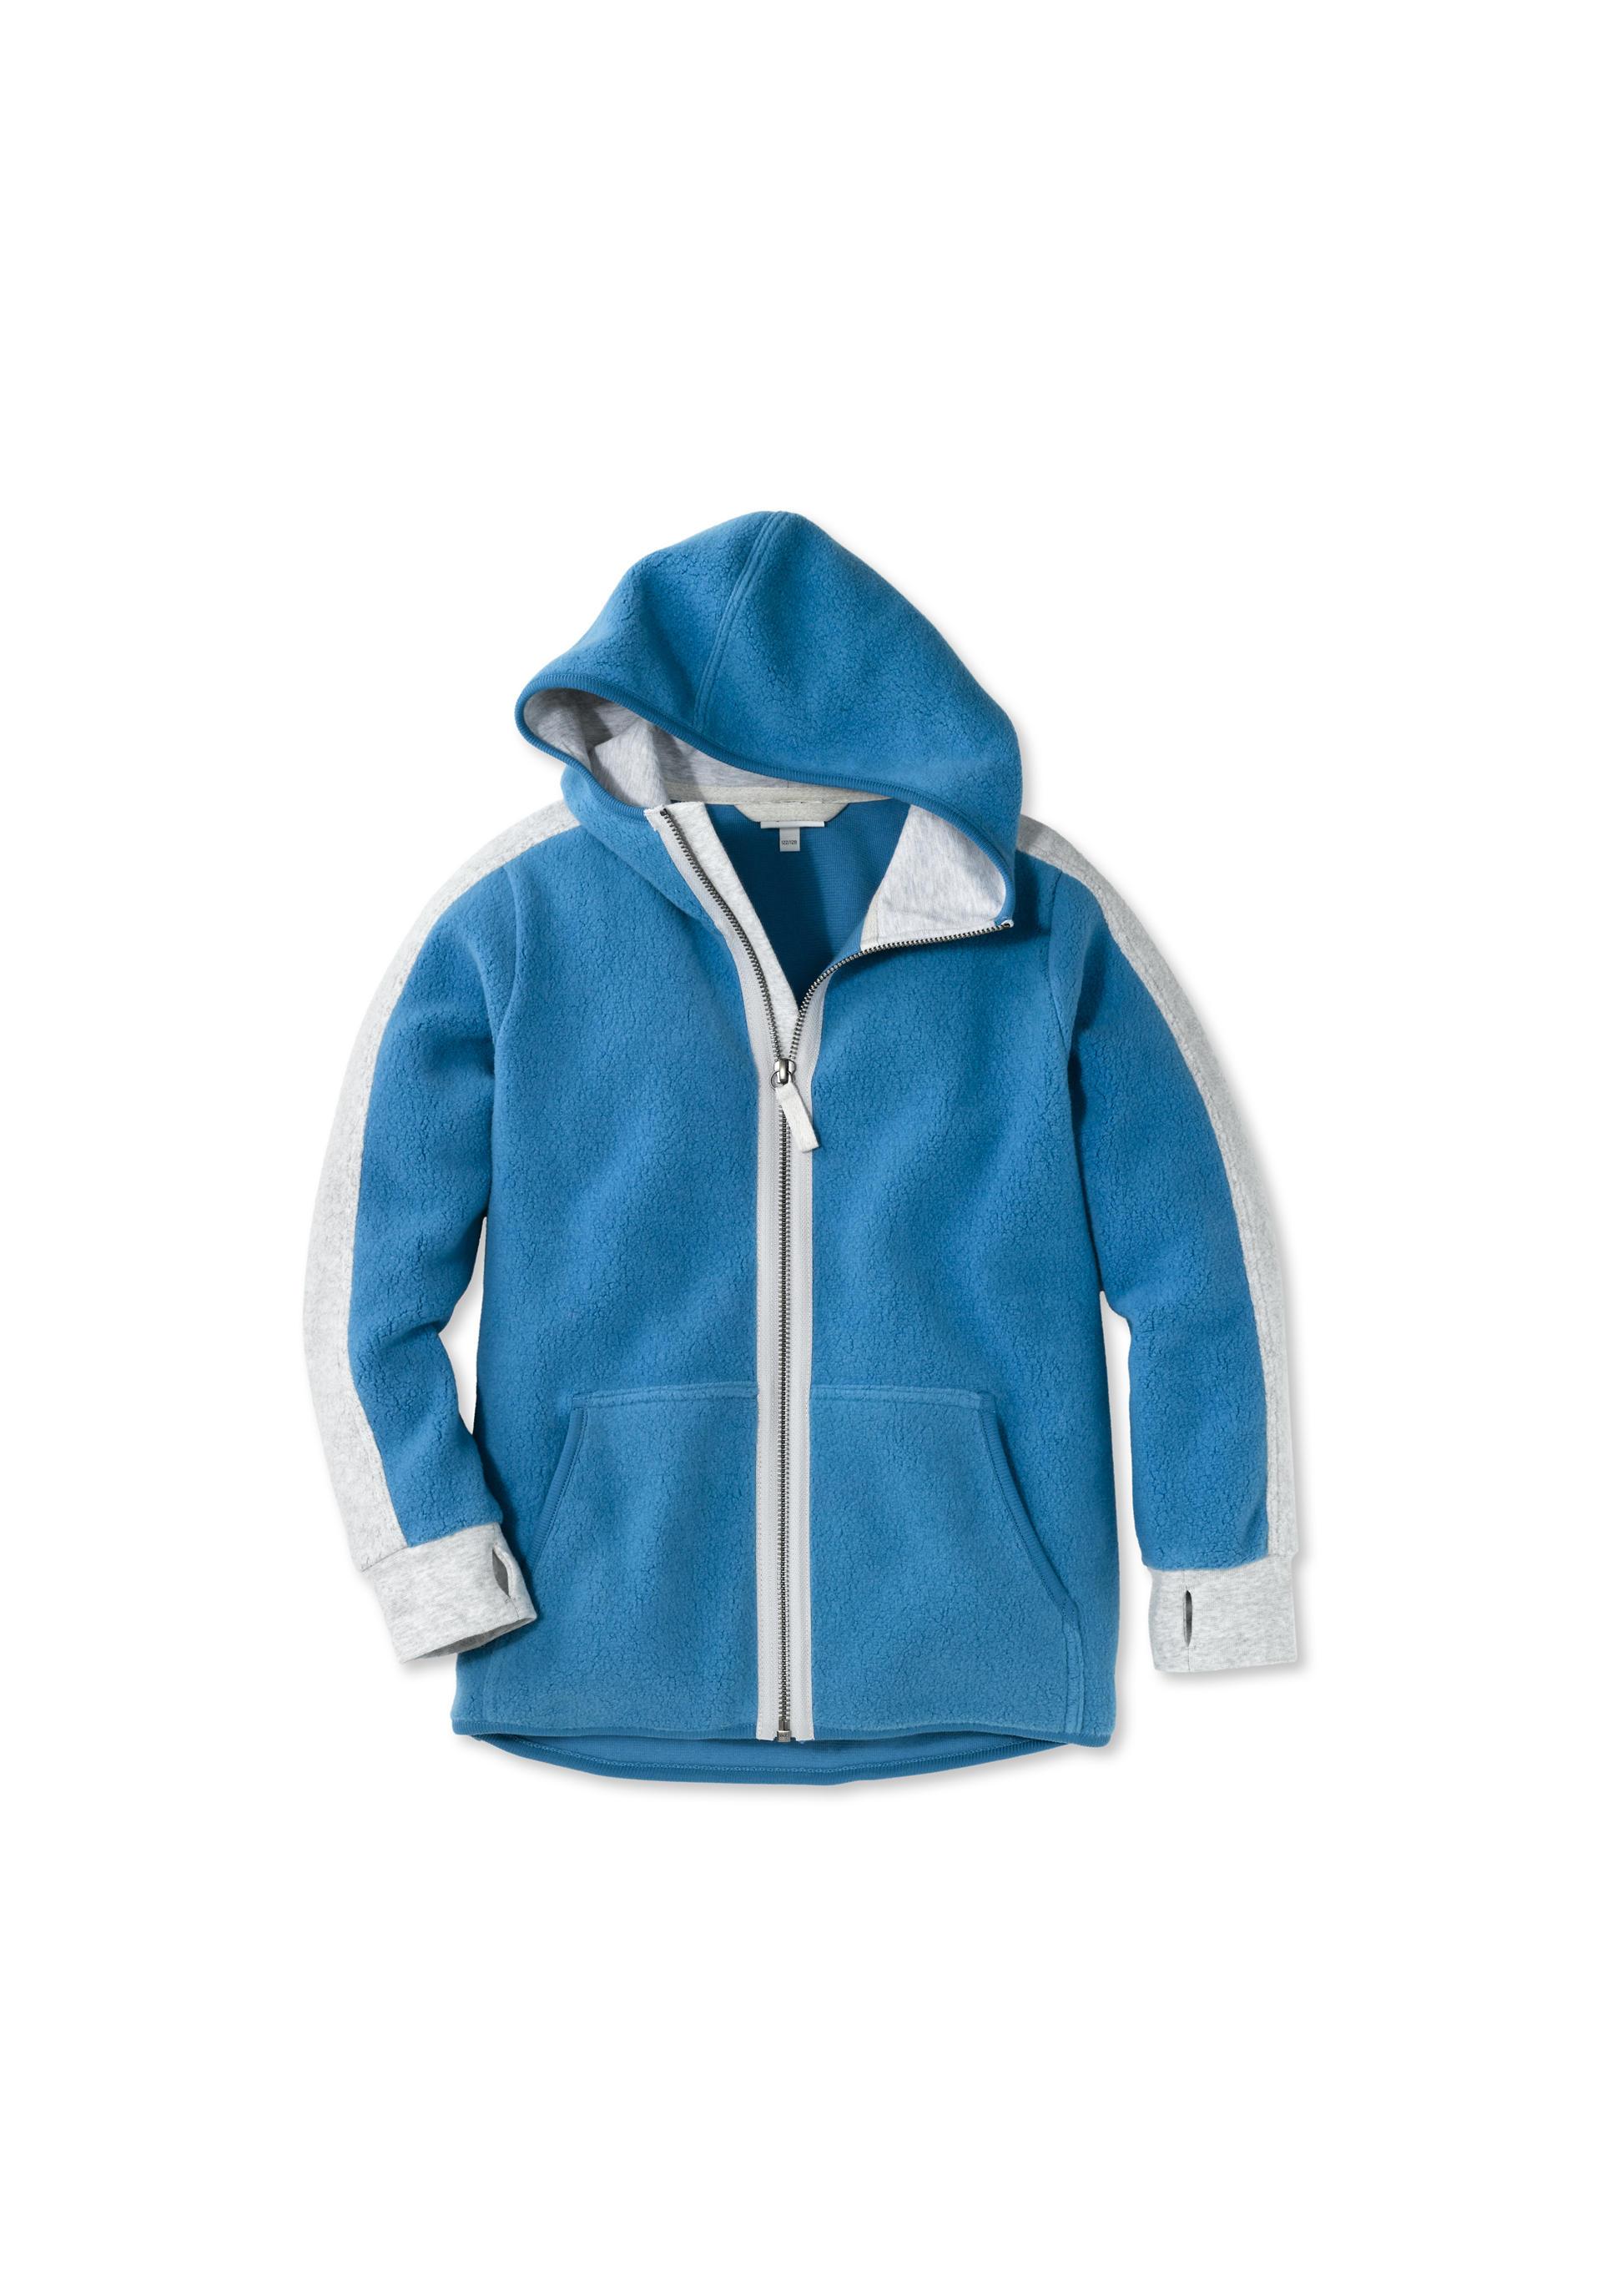 5cf0a299986484 Fleece Jacke aus reiner Bio-Baumwolle - hessnatur Österreich